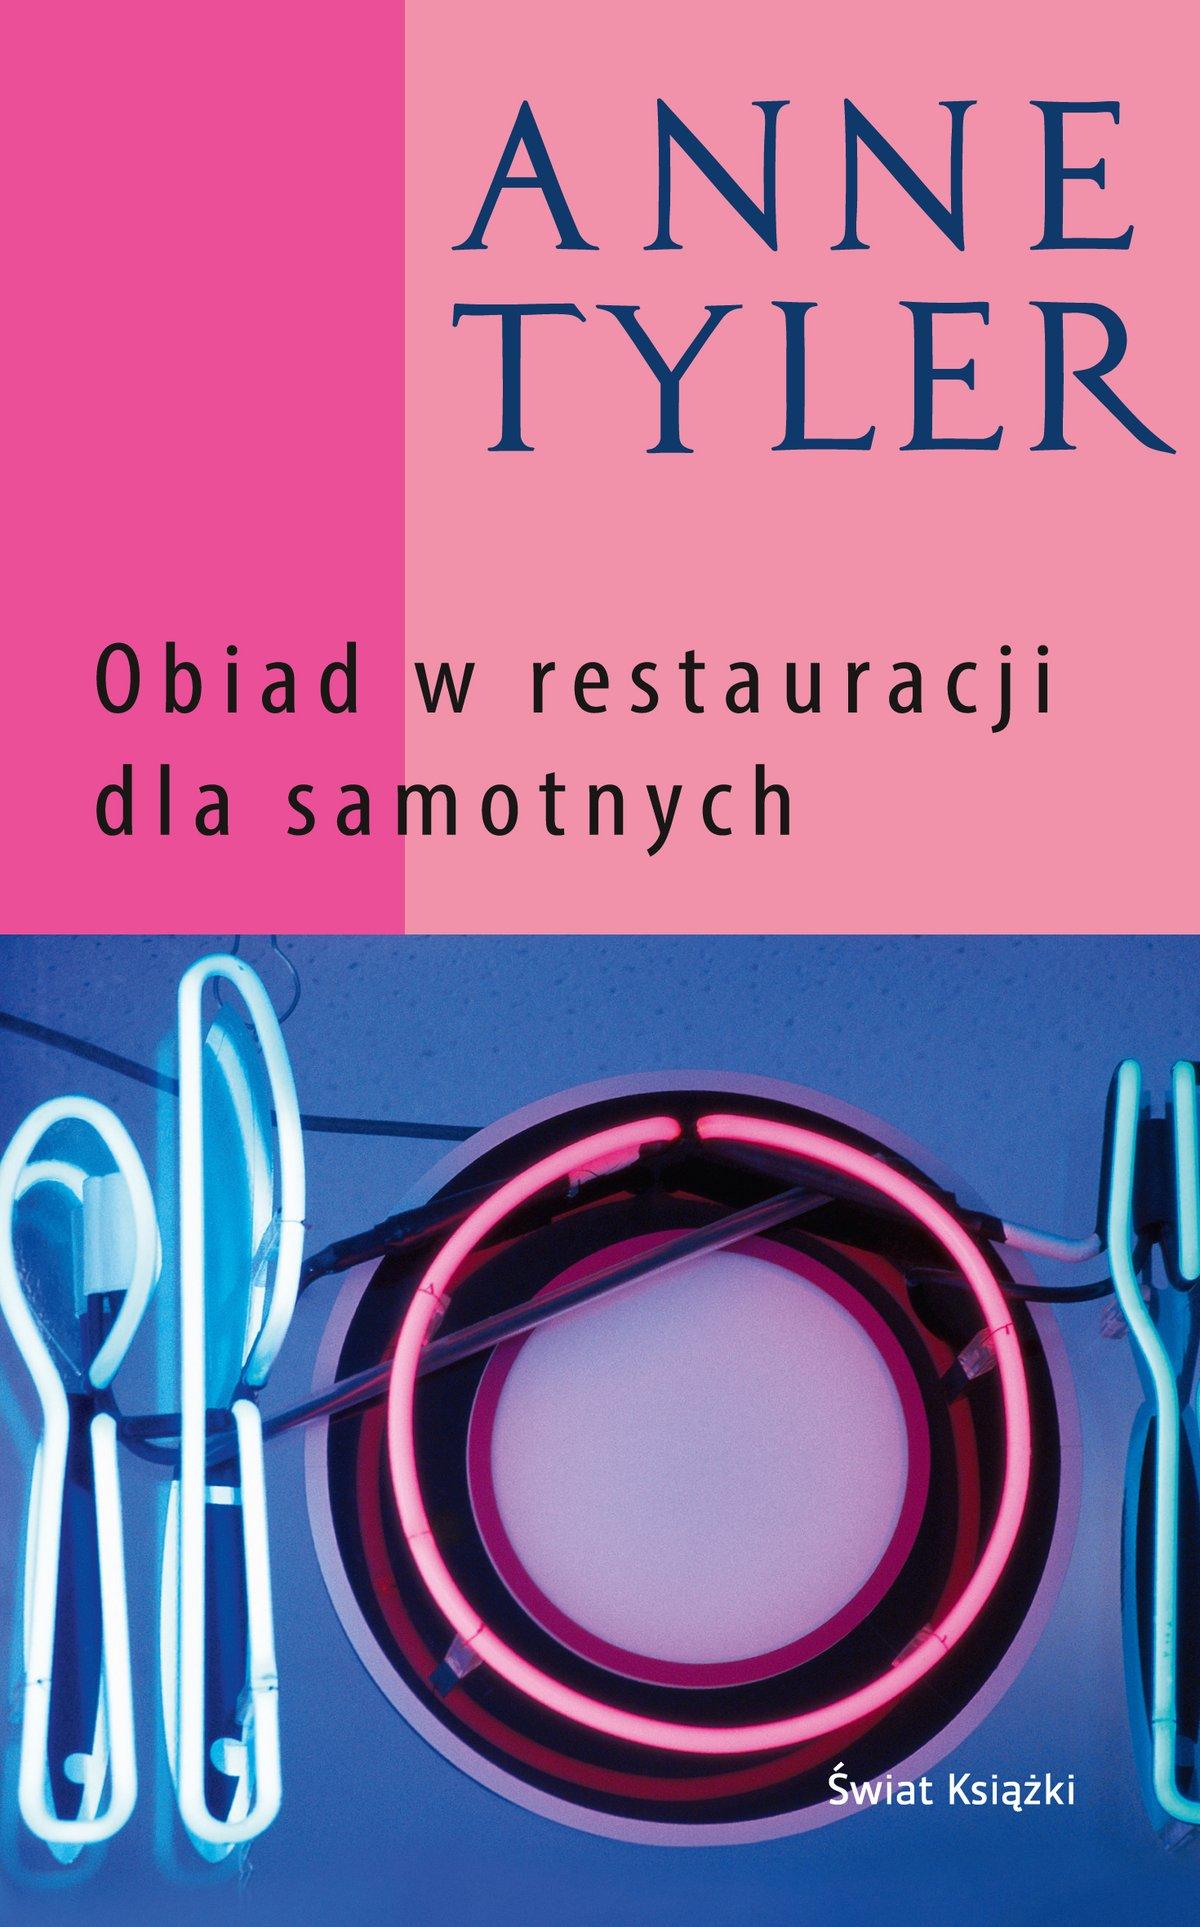 Obiad w restauracji dla samotnych - Ebook (Książka na Kindle) do pobrania w formacie MOBI